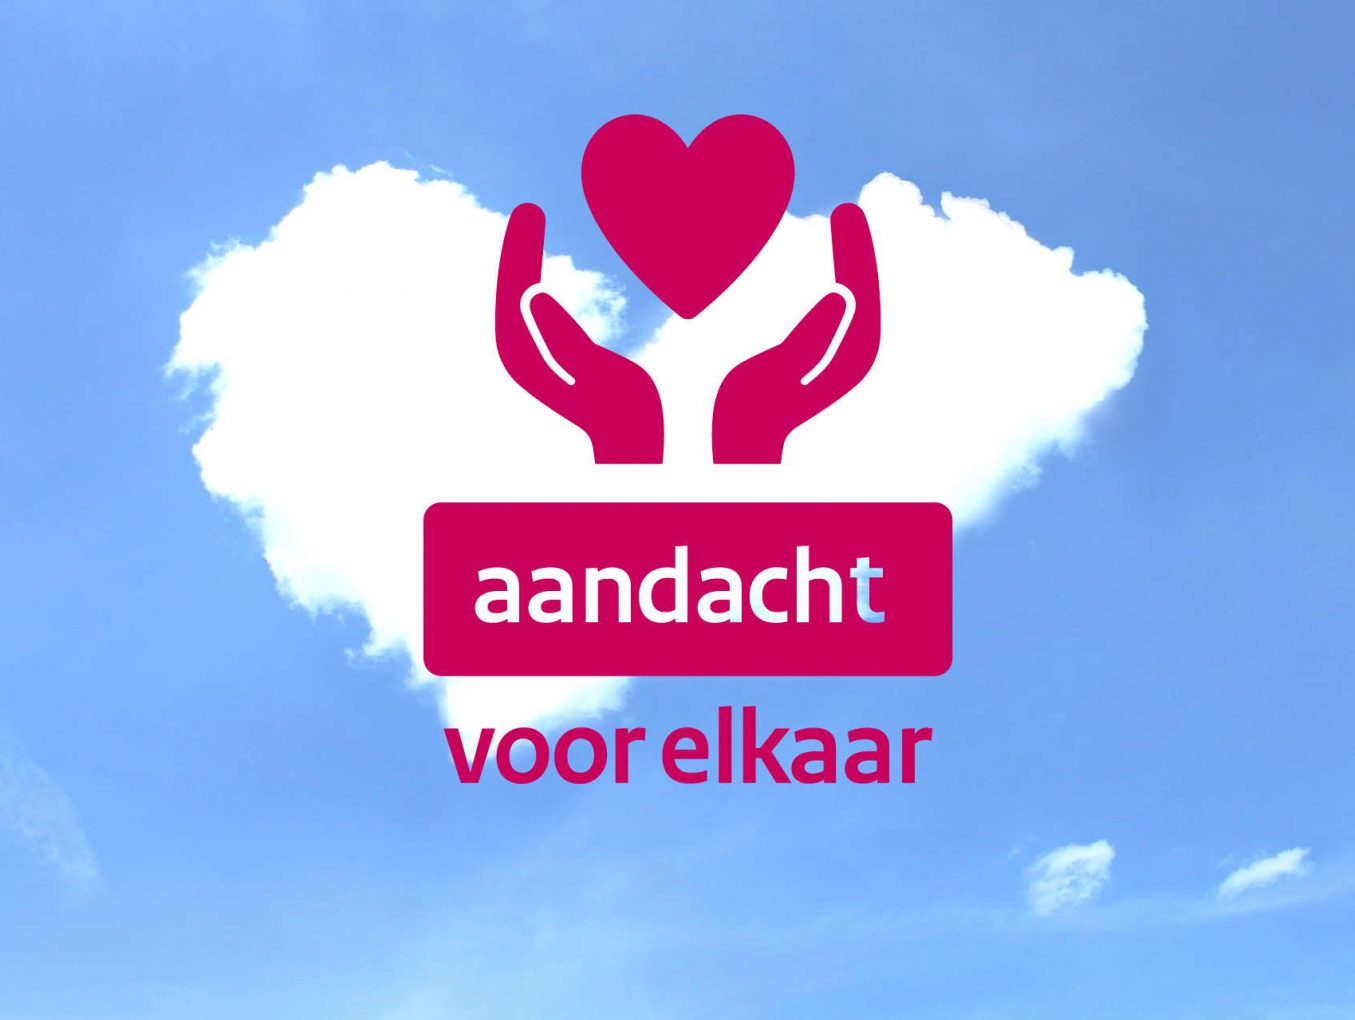 Lionsclub Harderwijk doneert € 500